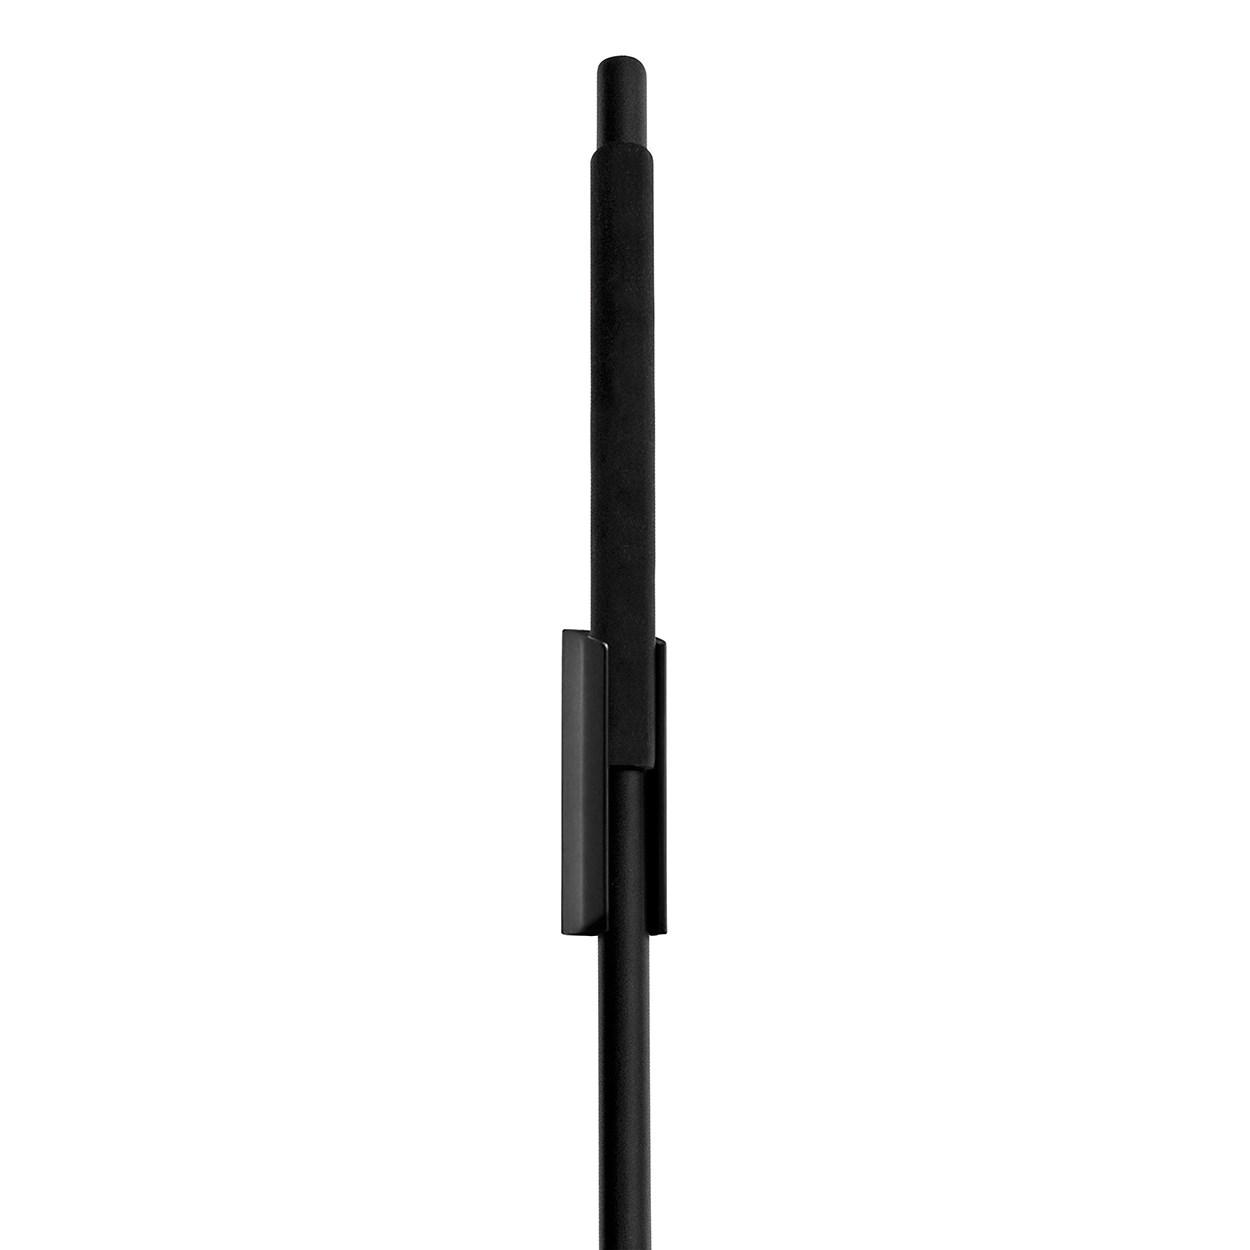 Stěrka s nástěnným držákem MODO černá_0